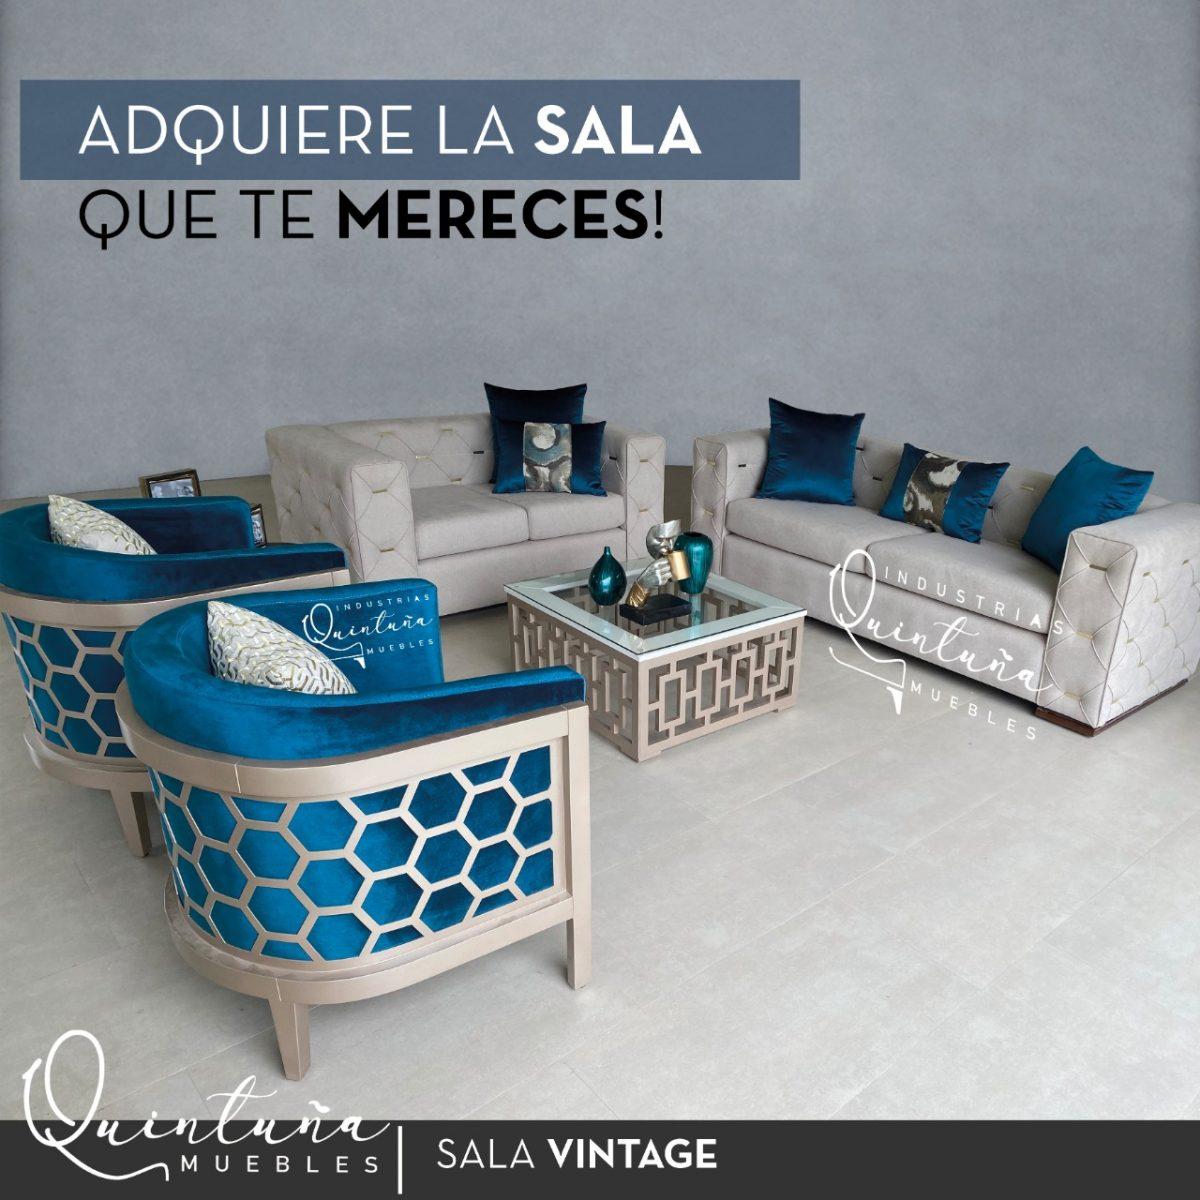 Salas Cuenca